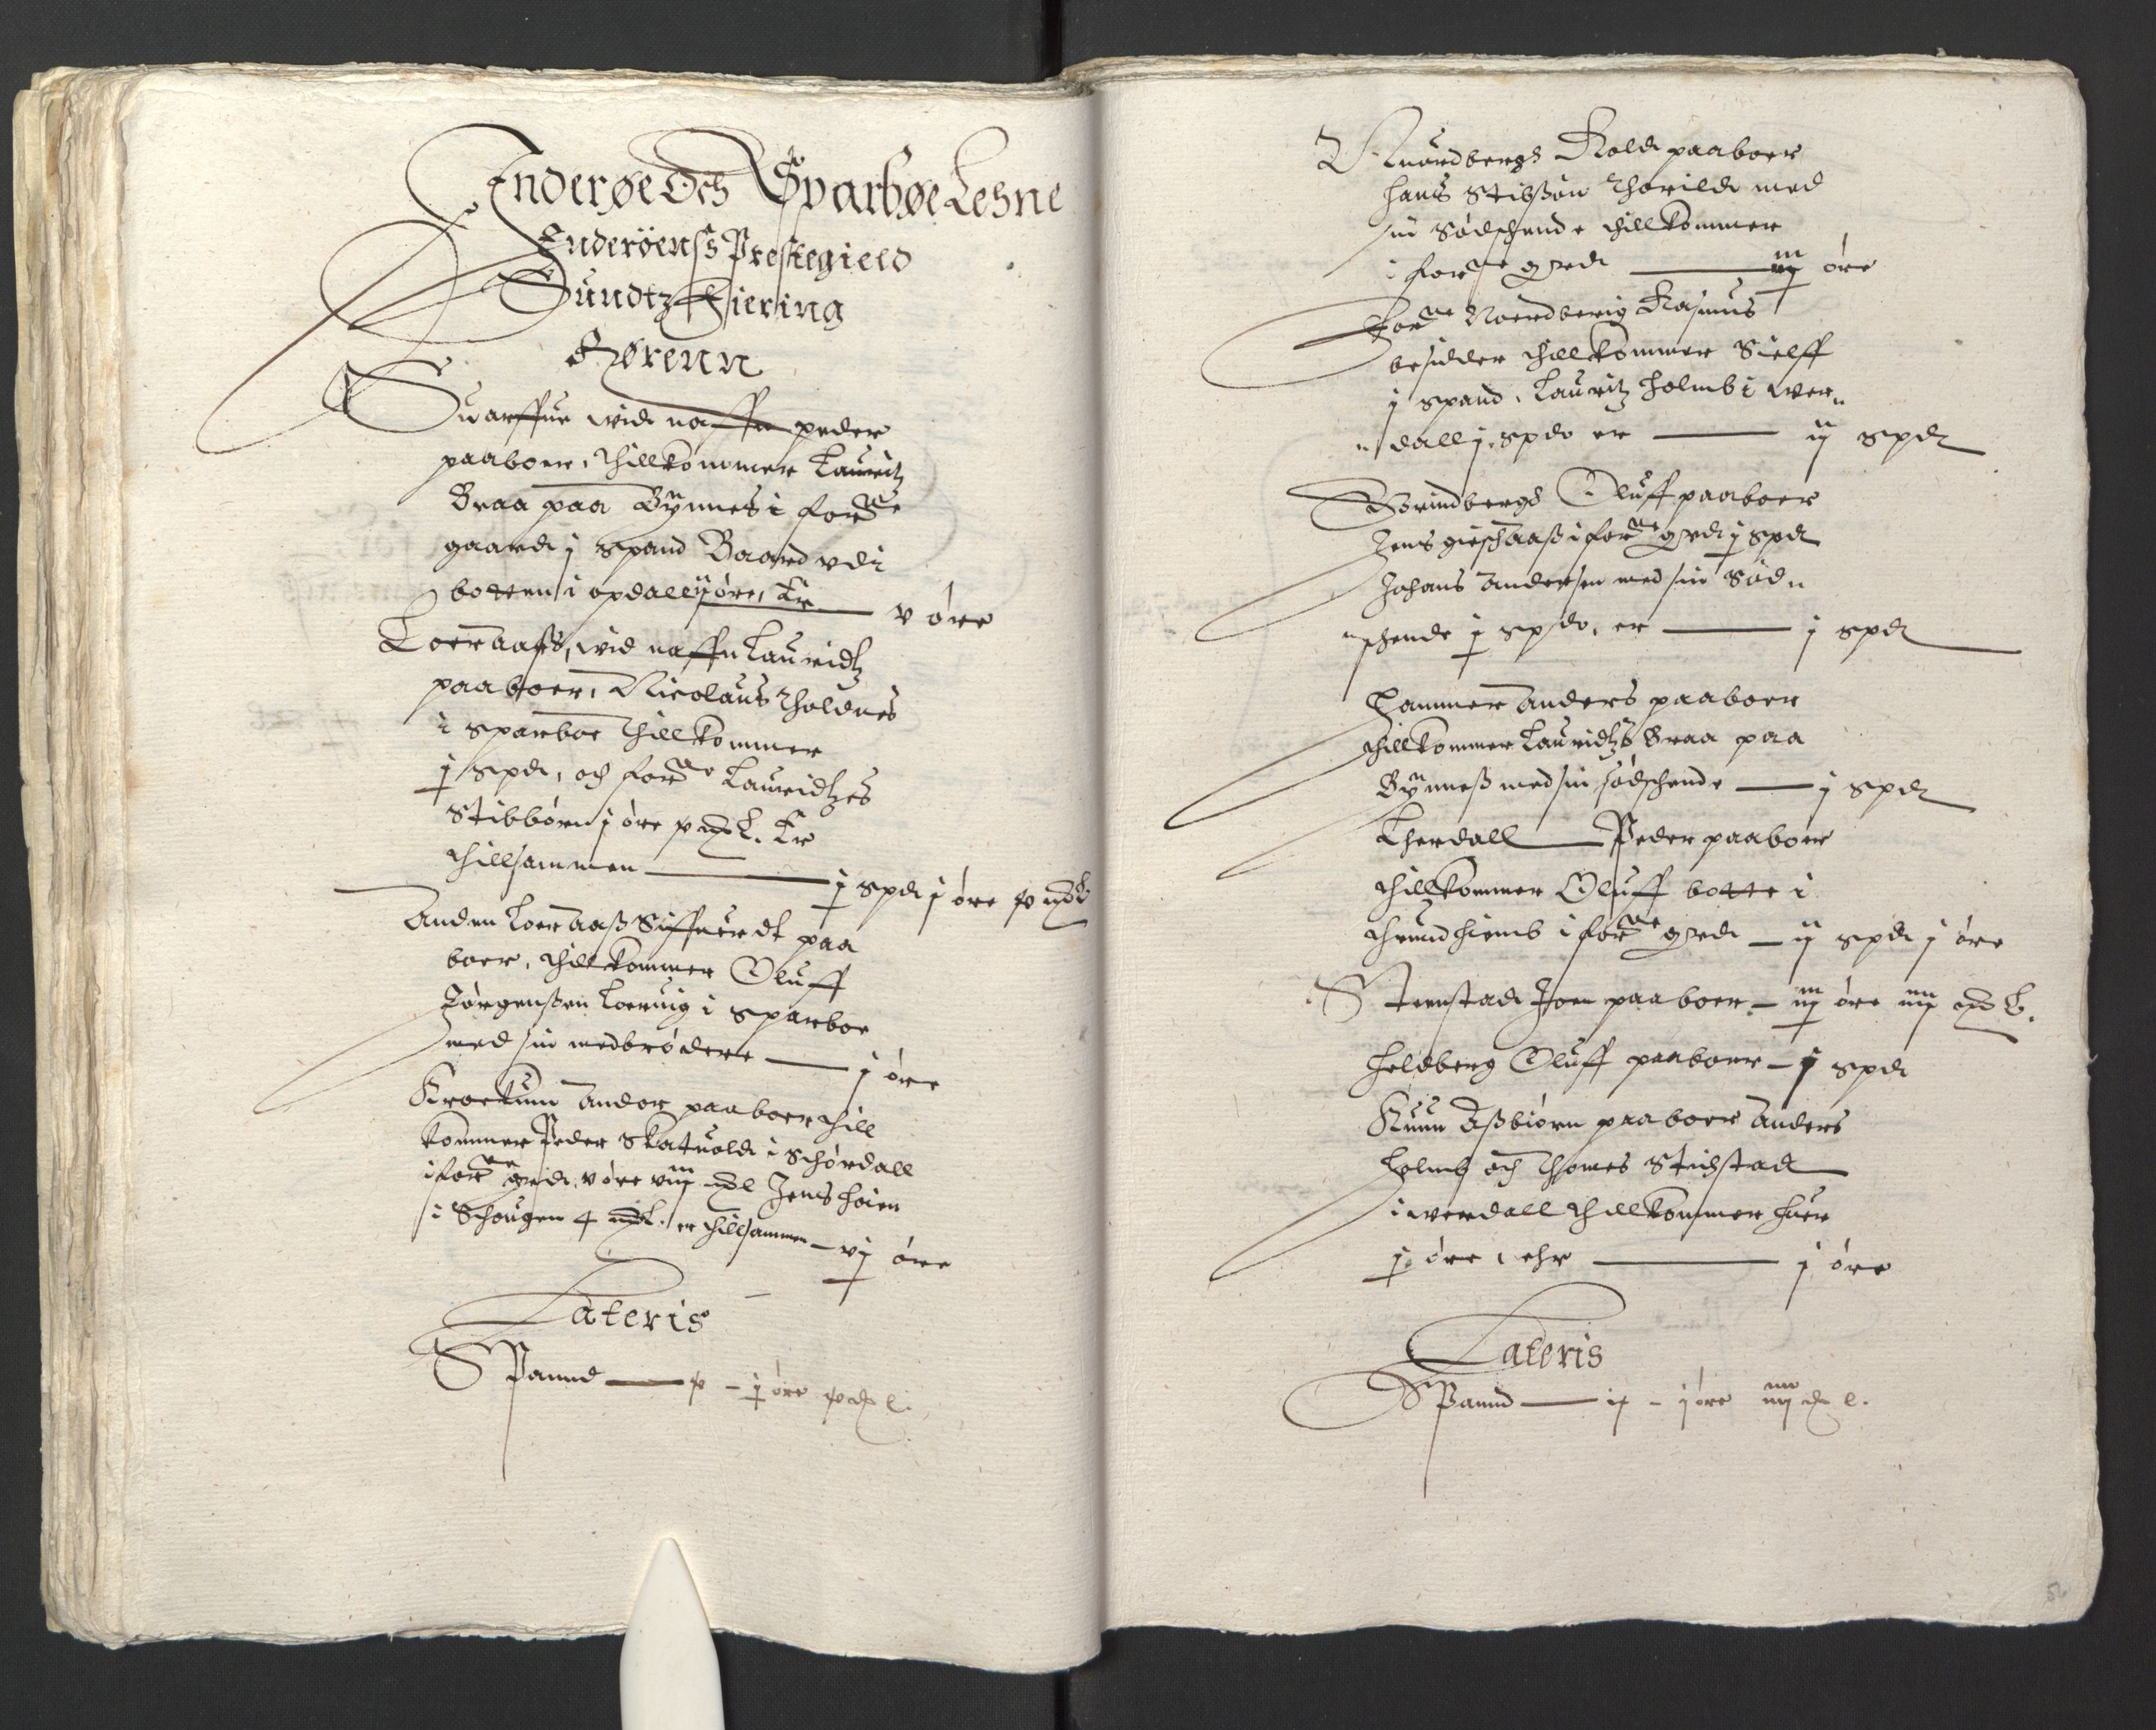 RA, Stattholderembetet 1572-1771, Ek/L0013: Jordebøker til utlikning av rosstjeneste 1624-1626:, 1624-1625, s. 59